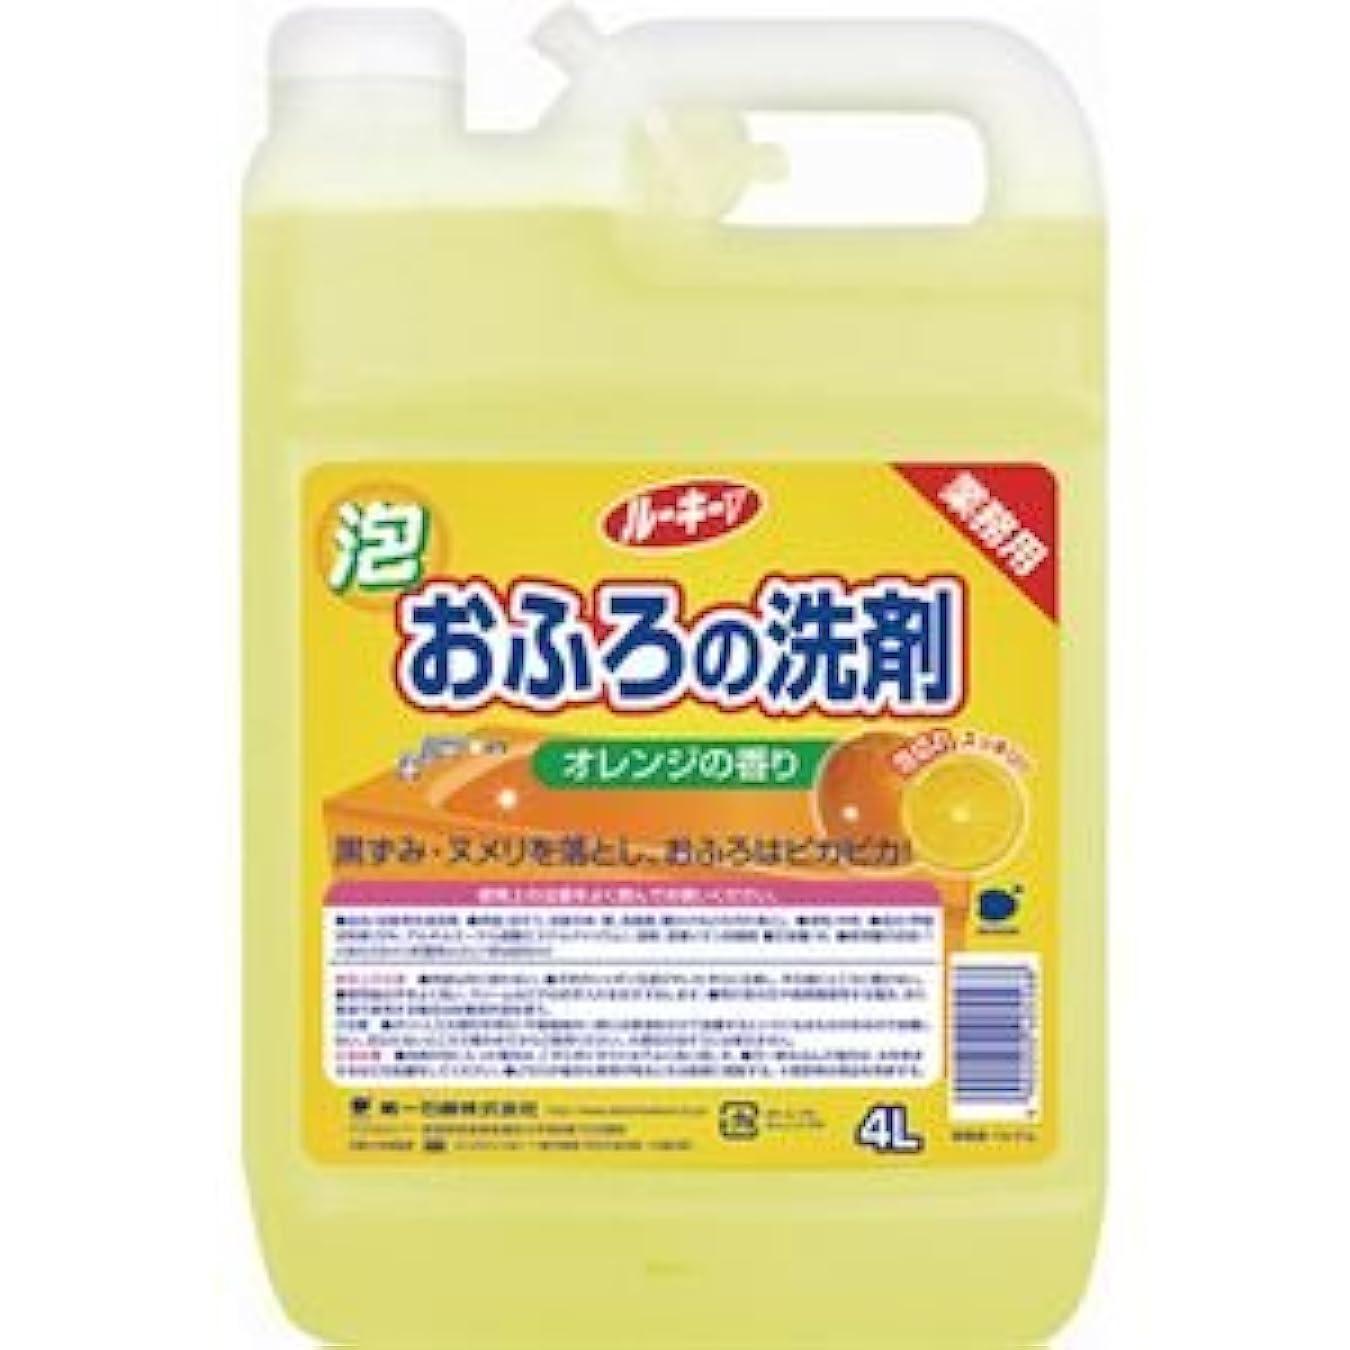 つぶやき右最近(まとめ) 第一石鹸 ルーキーV おふろ洗剤 業務用 4L 1本 【×5セット】